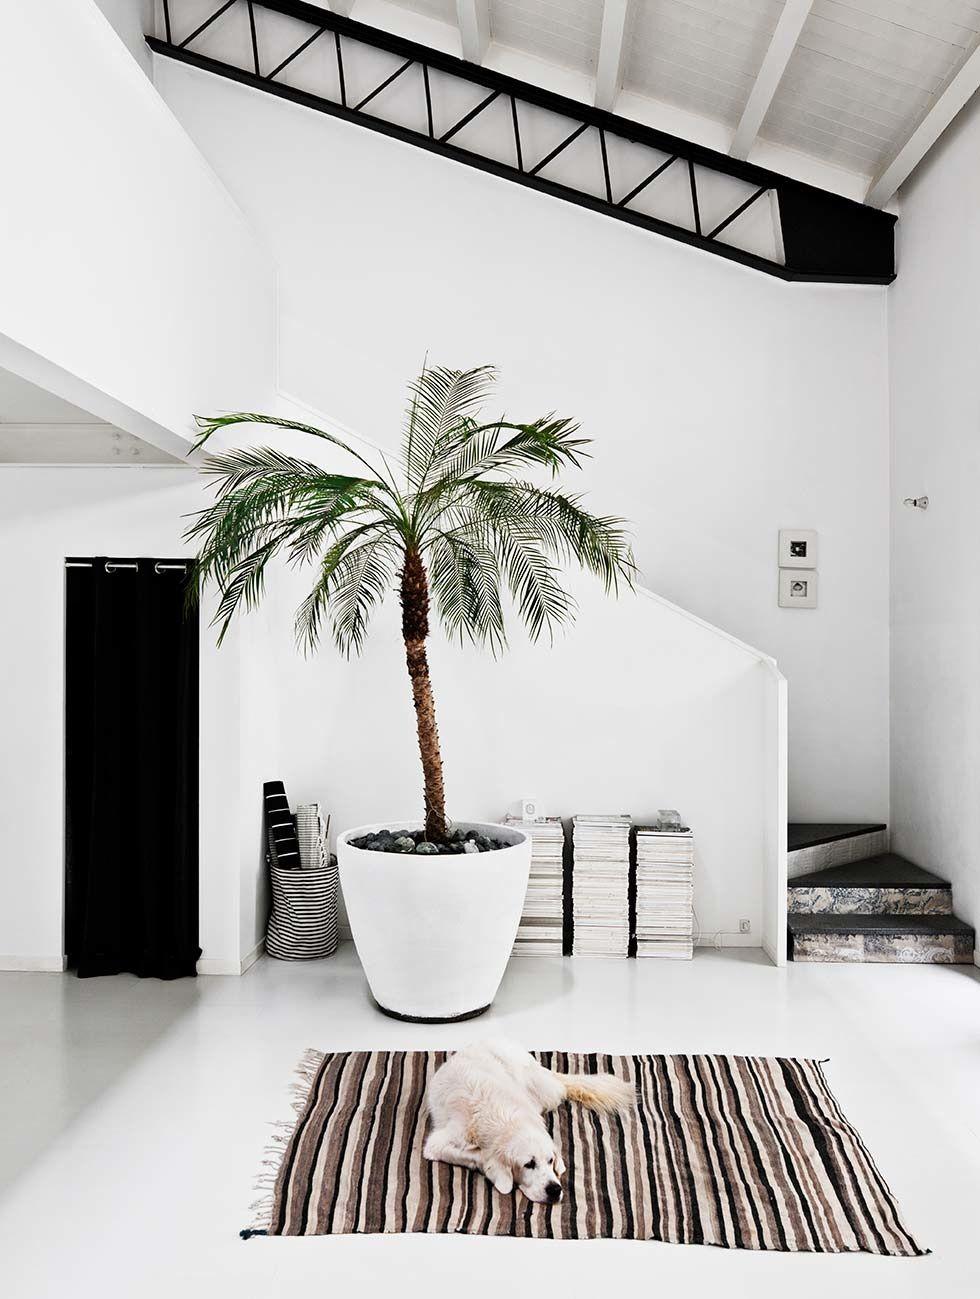 L'option+du+blanc+En+début+de+semaine,+je+vous+ai+montré+ce+bel+appartement+parisien+tout+en+douceur+de+blancs,+cette+fois,+il+s'agit+d'un loft+situé+à+Milan+où+le+choix+du+blanc est traité+de+façon+radicale.+Tout+est+blanc+:…